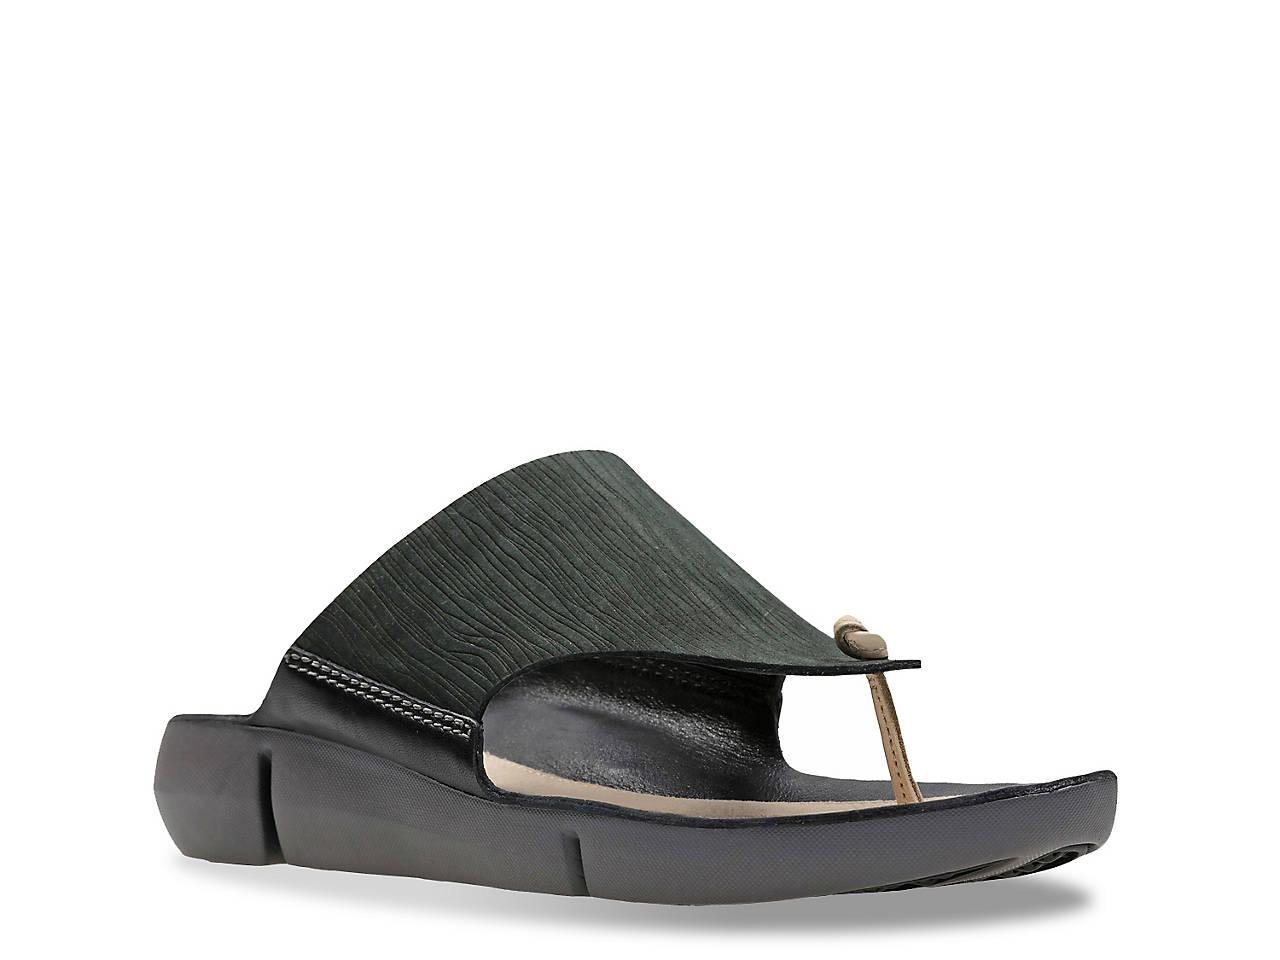 27e67a00d Clarks Tri Carmen Wedge Sandal Women s Shoes